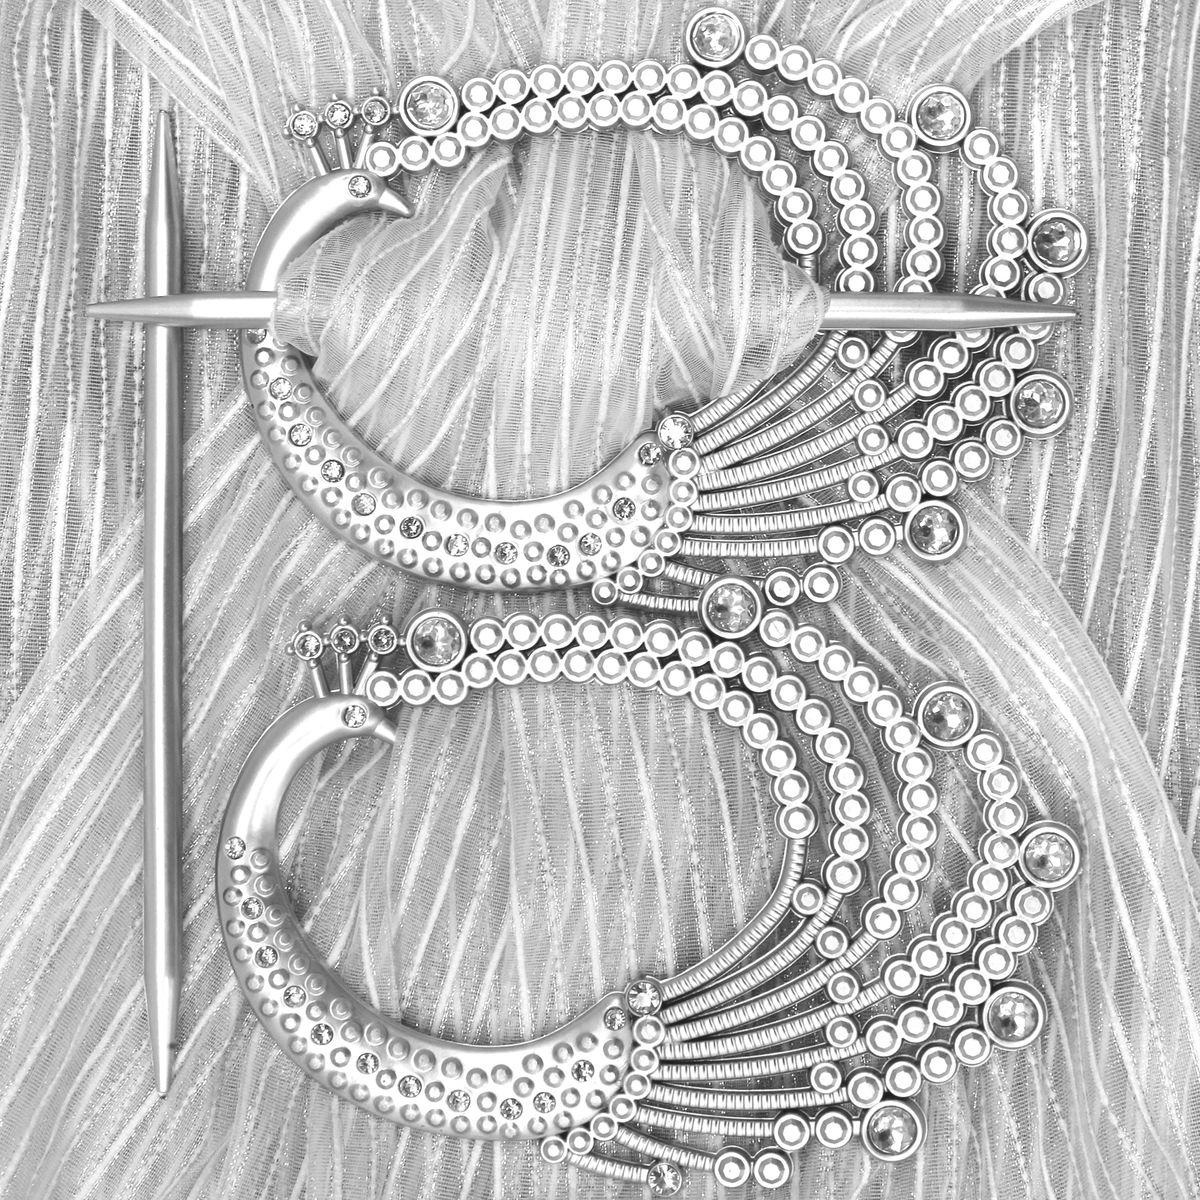 Заколка для штор TexRepublic Pavlin, цвет: серебристый, 2 шт. MI C7-179038Кольцо декоративное - красивая и стильная заколка, удерживающая шторы.